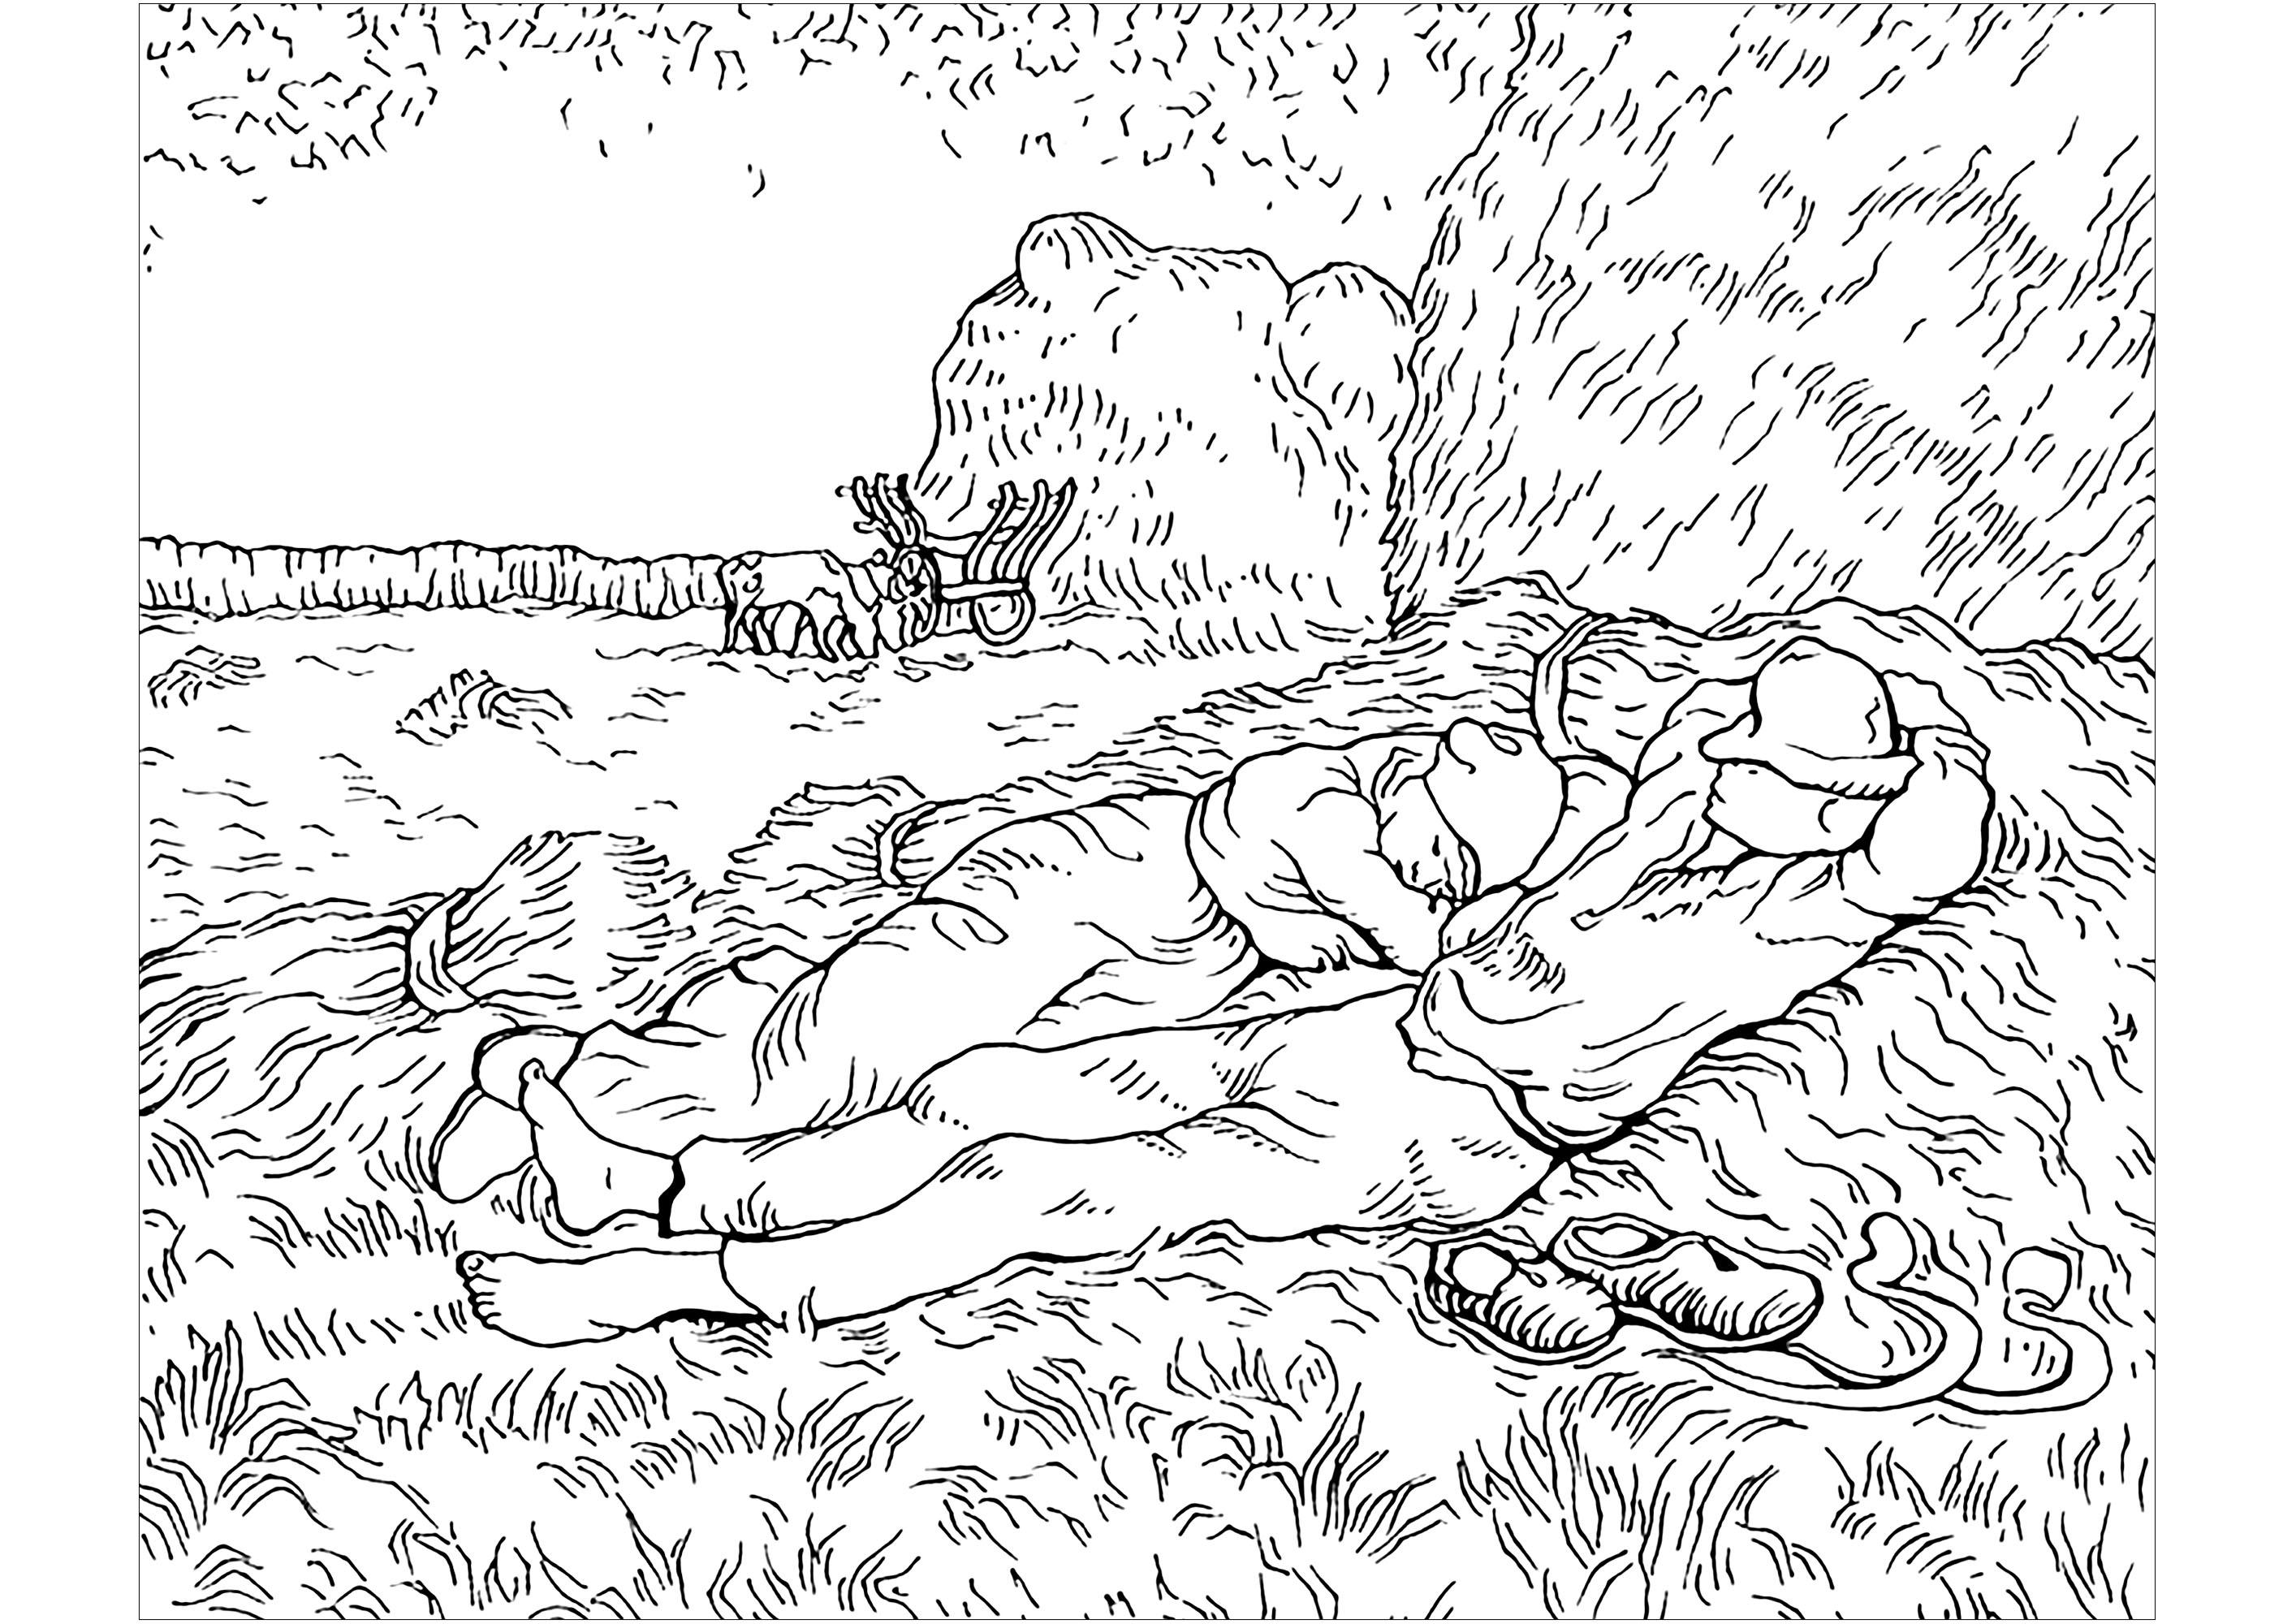 Coloriage créé à partir d'un chef d'oeuvre de Vincent Van Gogh : La sieste